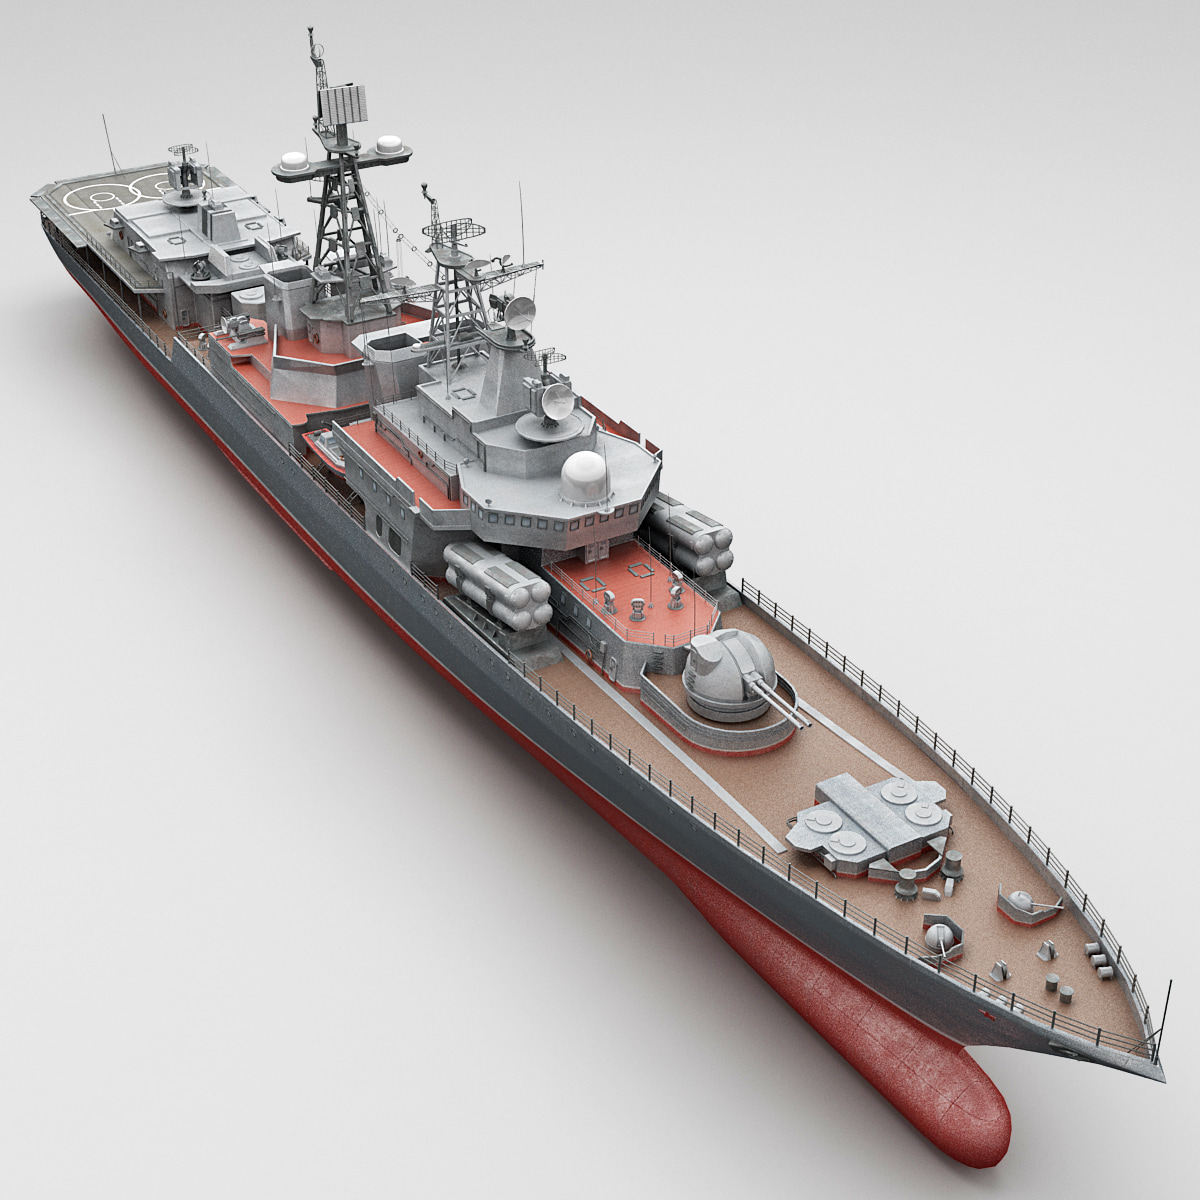 BPK_Russian_Large_Antisubmarine_Ship_Admiral_Chabanenko_0000.jpg